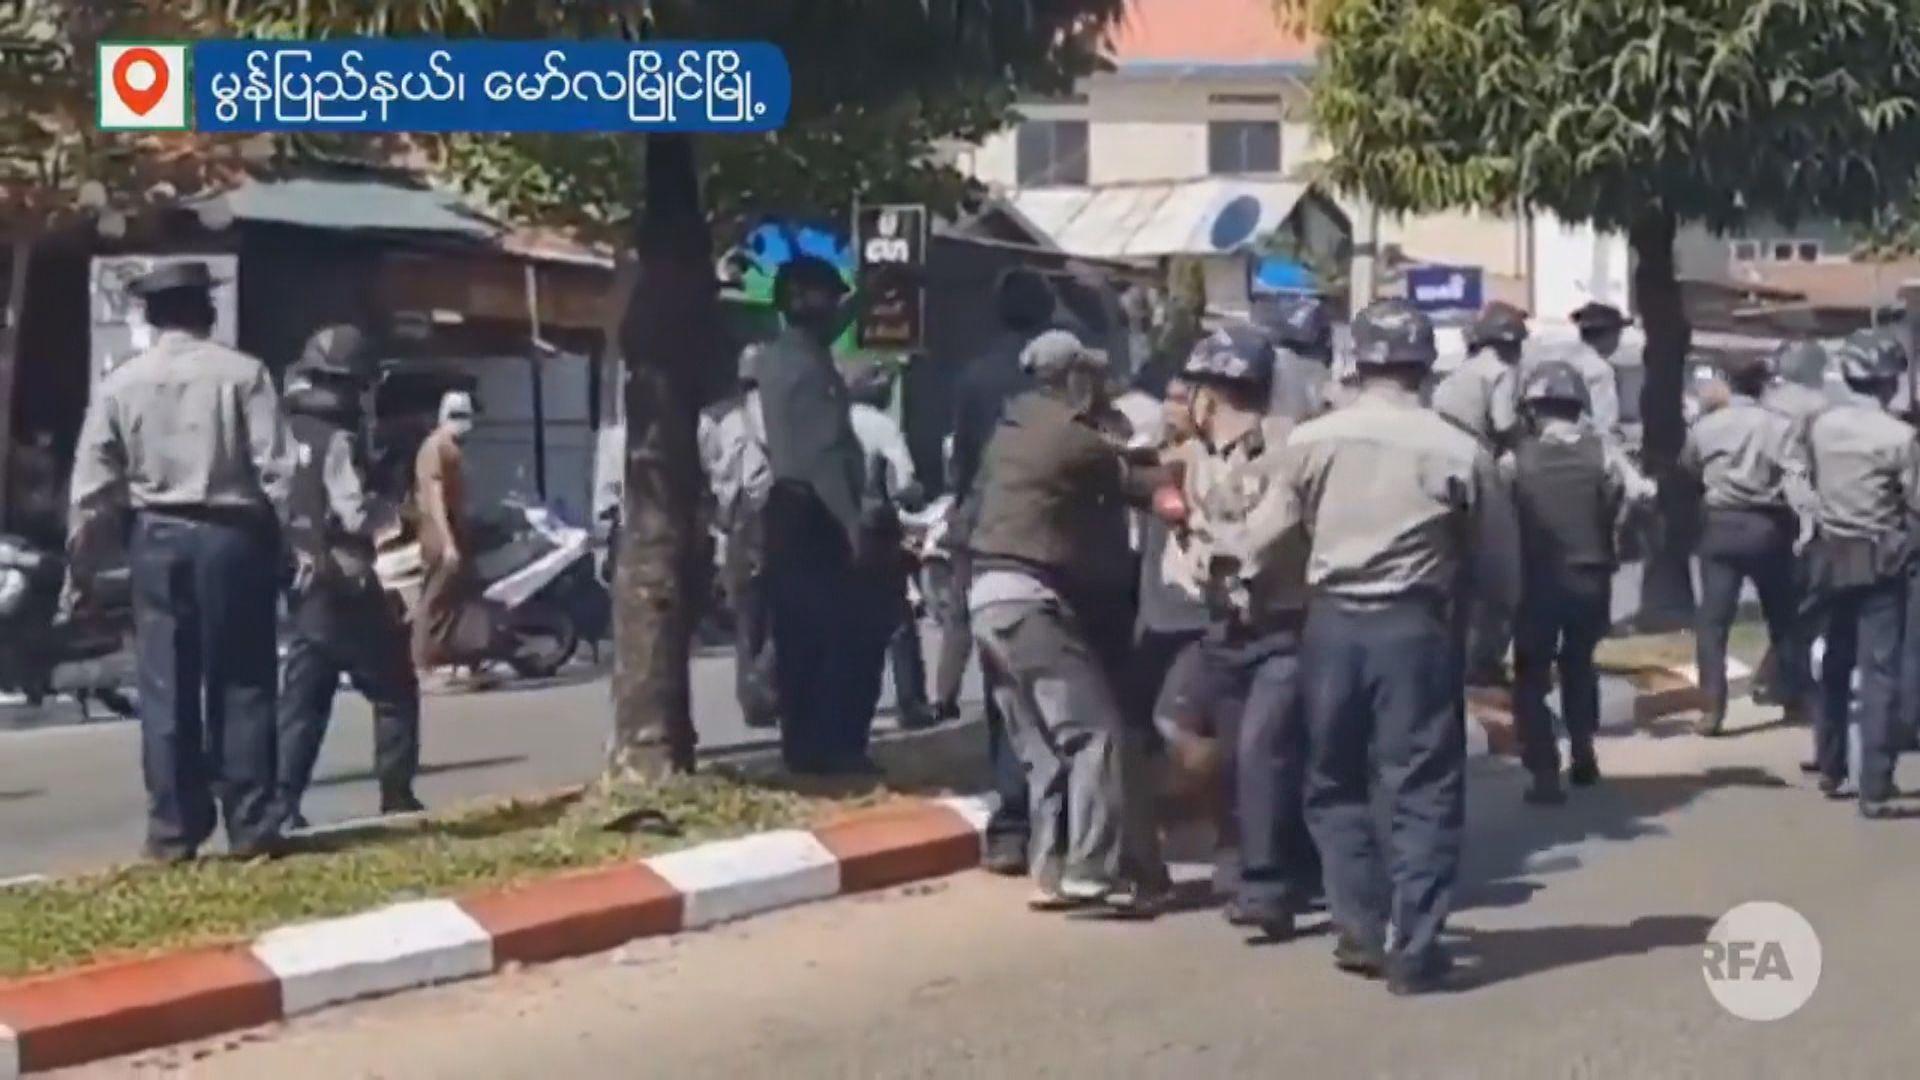 據報緬甸有警察向示威者發射橡膠子彈 至少三傷